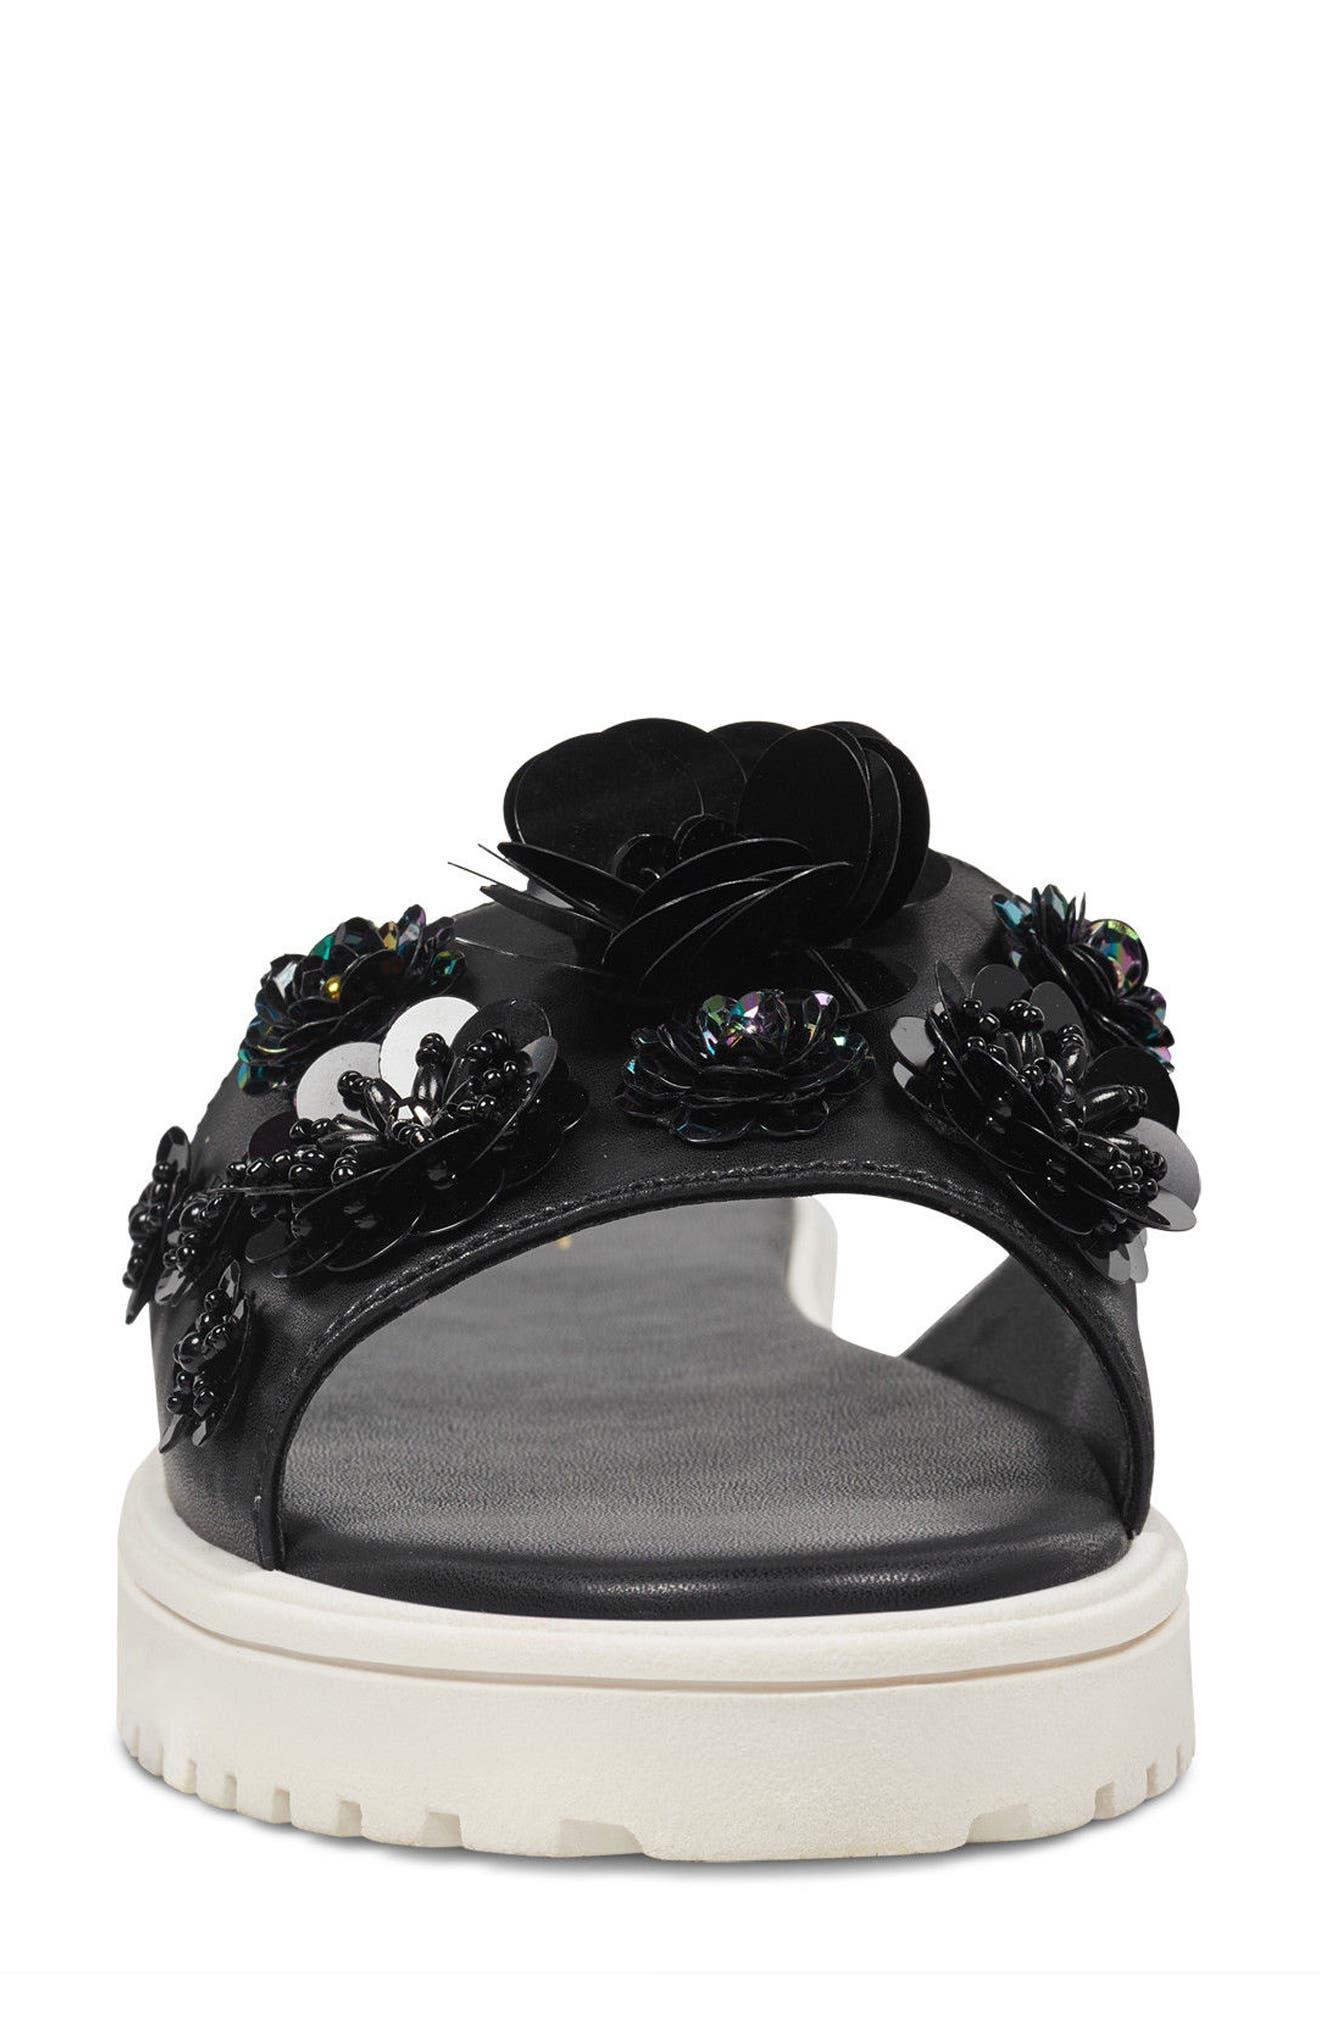 Rainen Flower Embellished Slide Sandal,                             Alternate thumbnail 4, color,                             Black Fabric